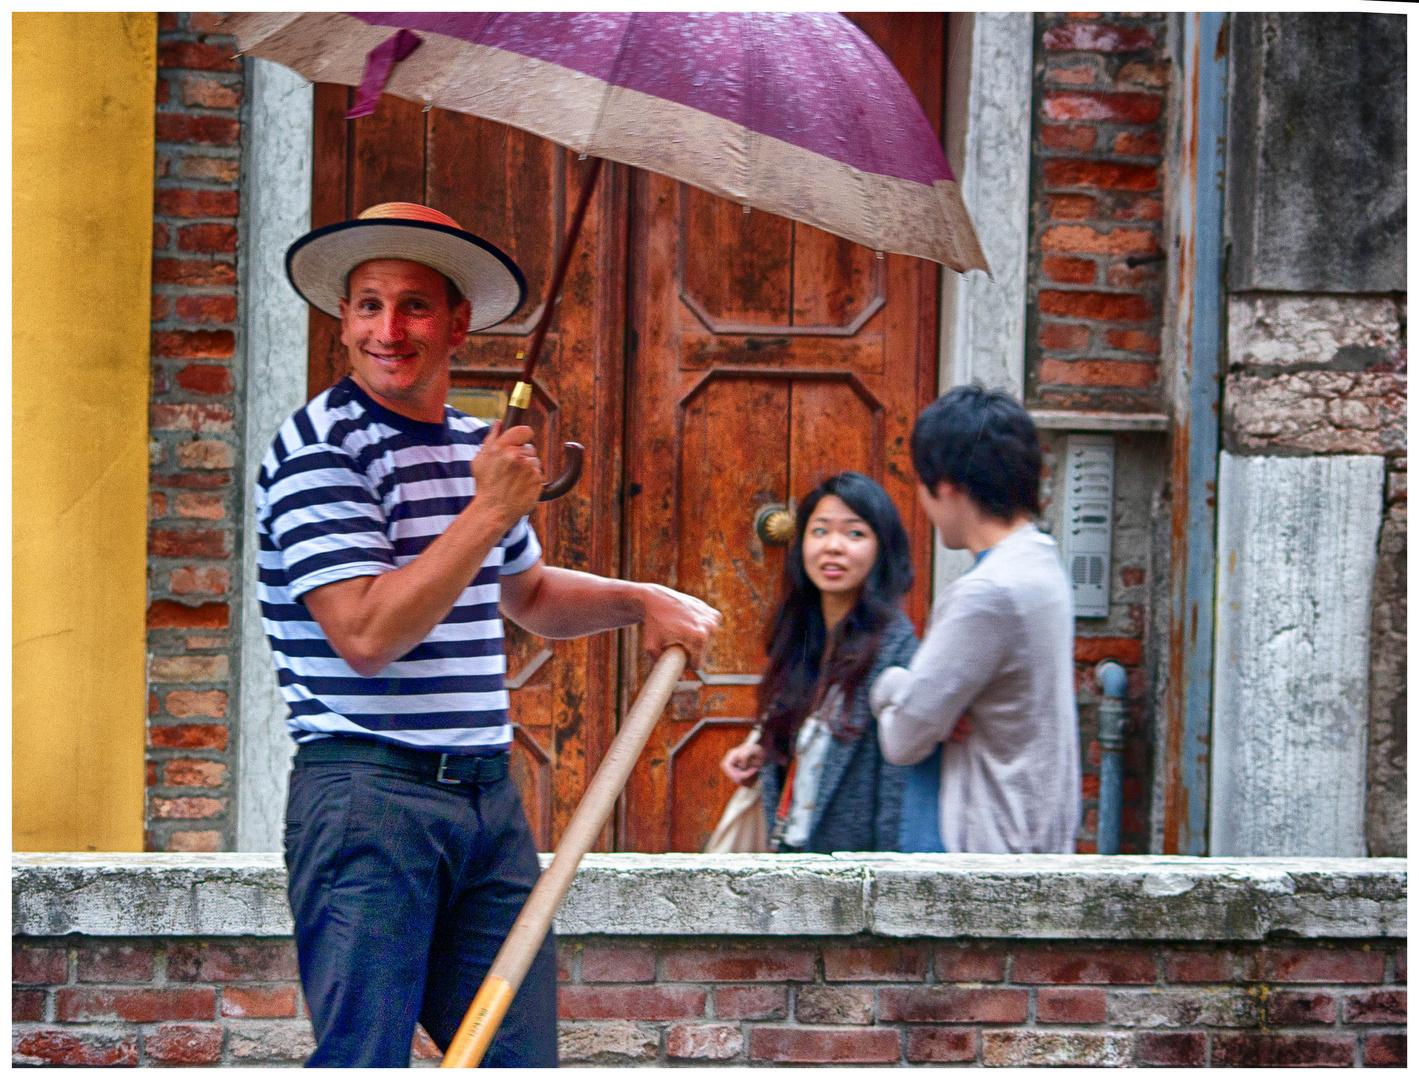 O ombrello mio!